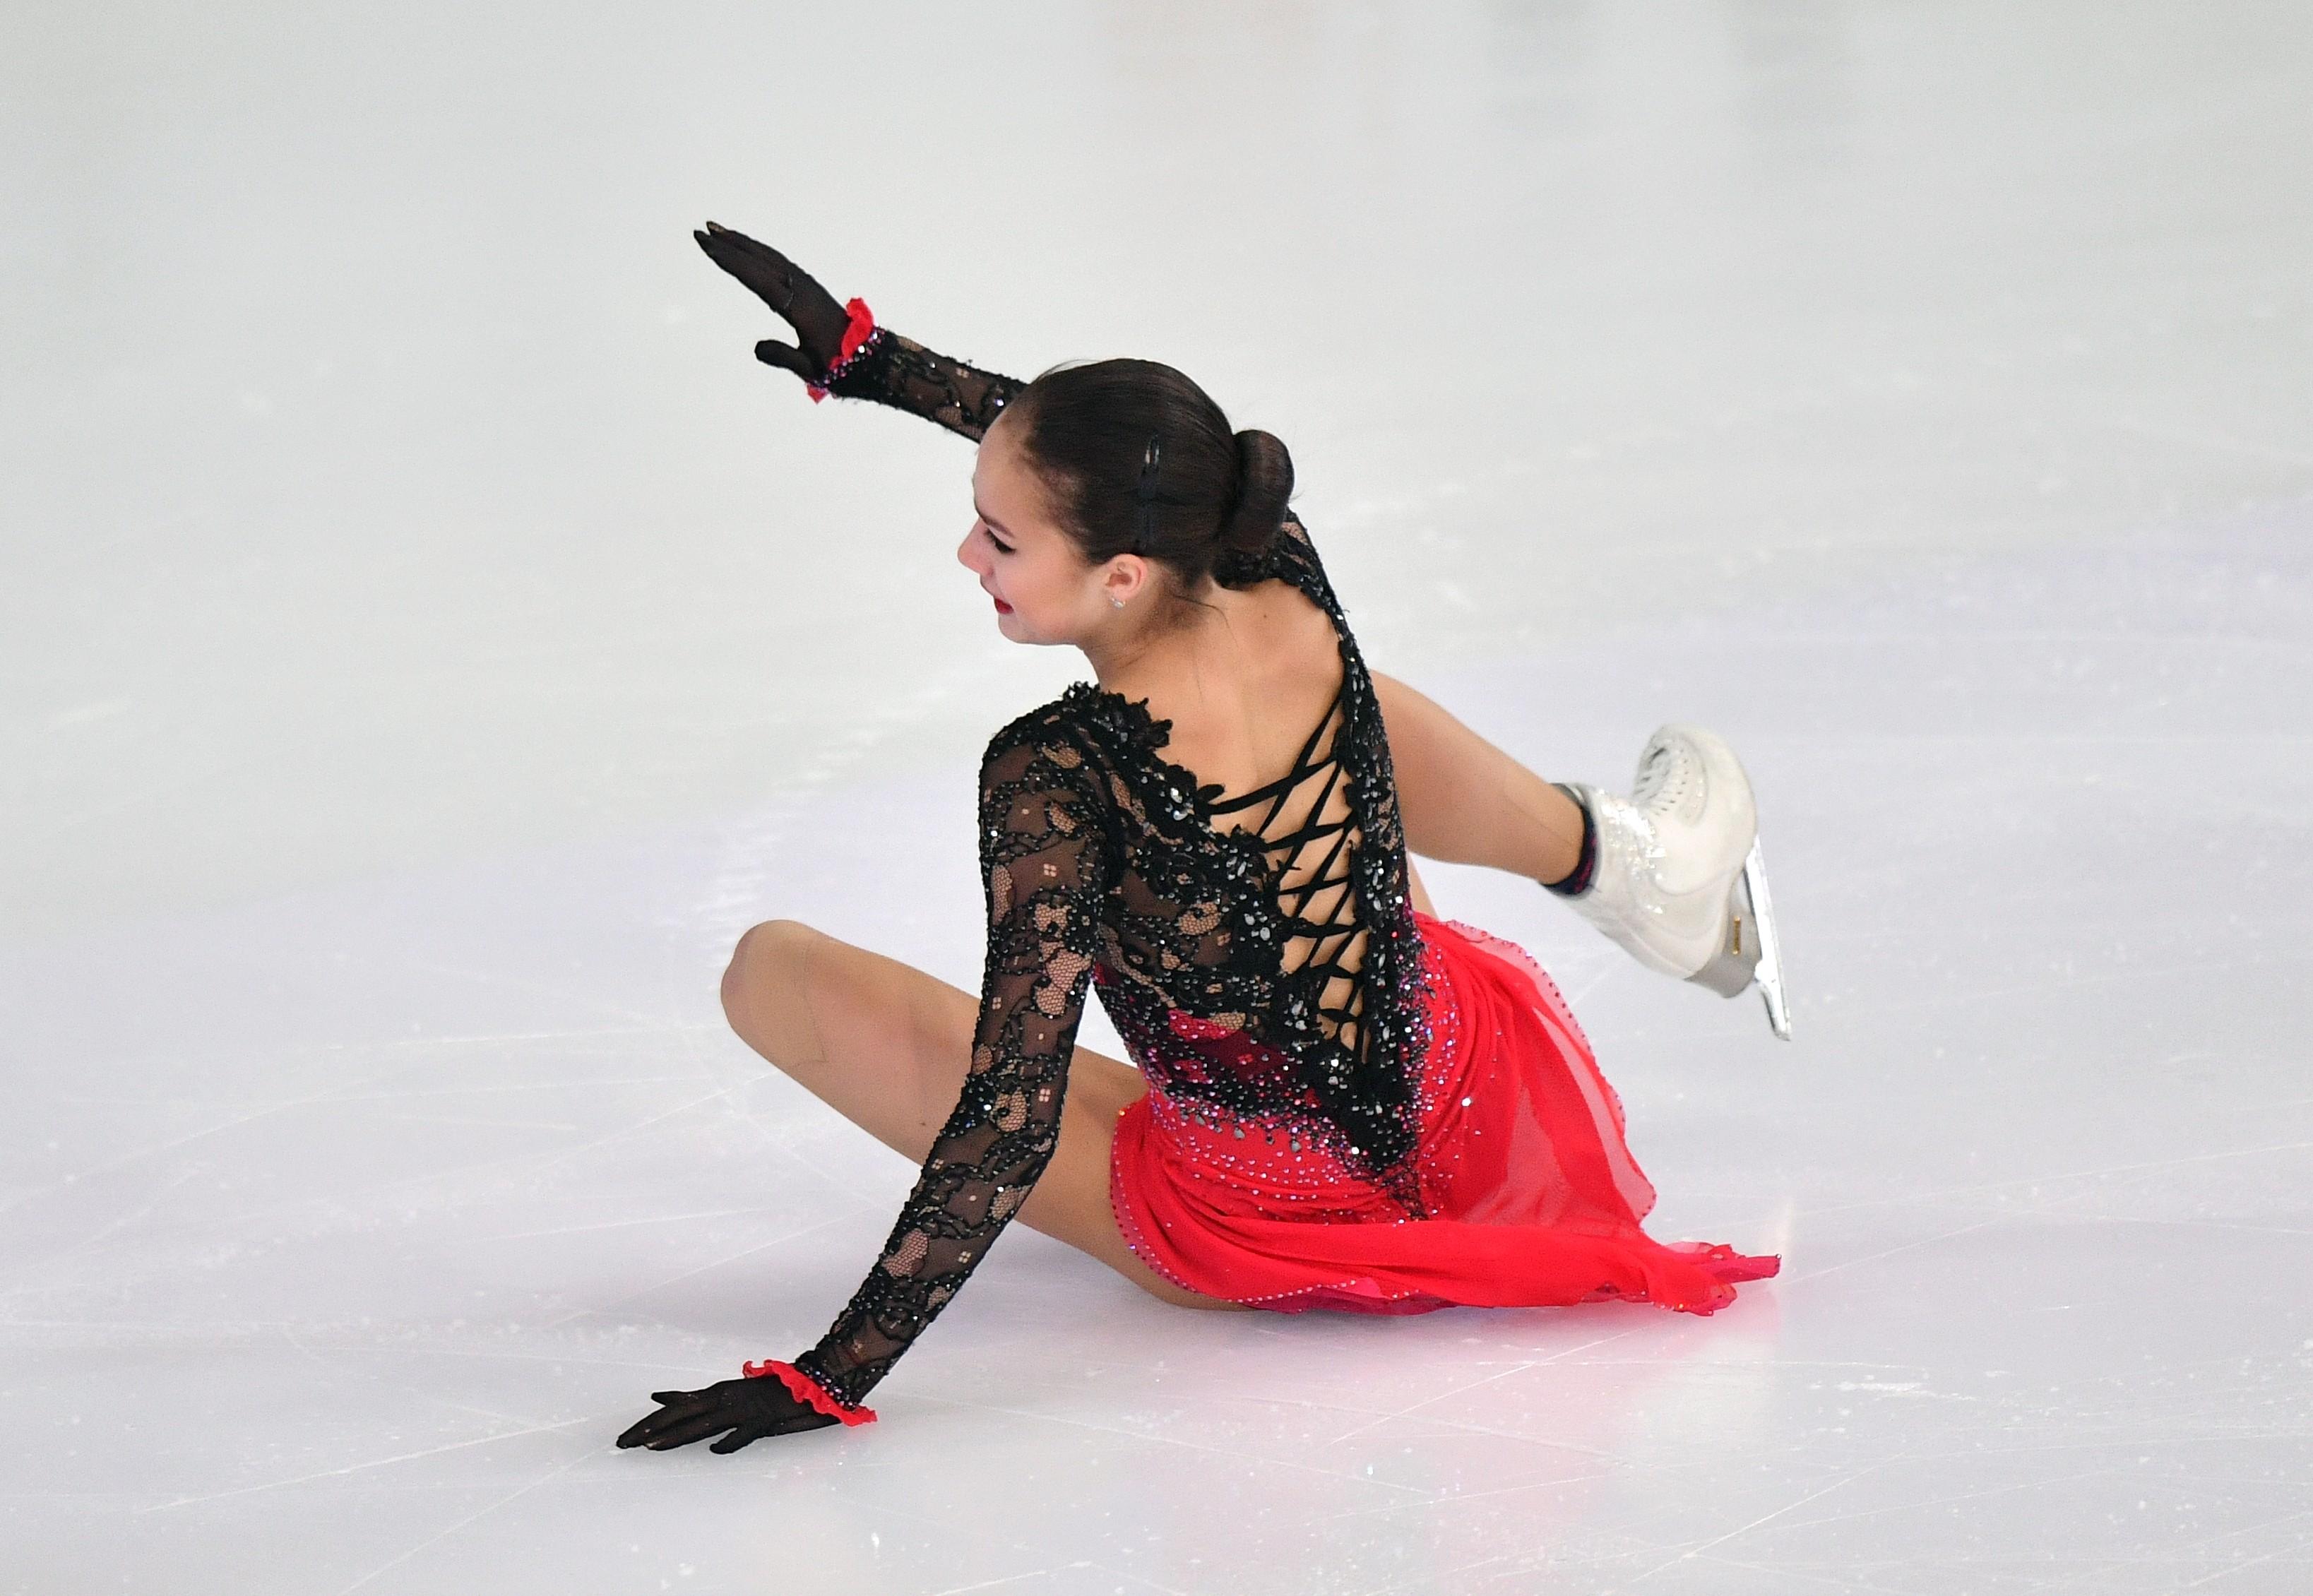 Падение Алины Загитовой отбросило её аж на двенадцатое место во второй день соревнований. Фото: © РИА Новости/Владимир Песня